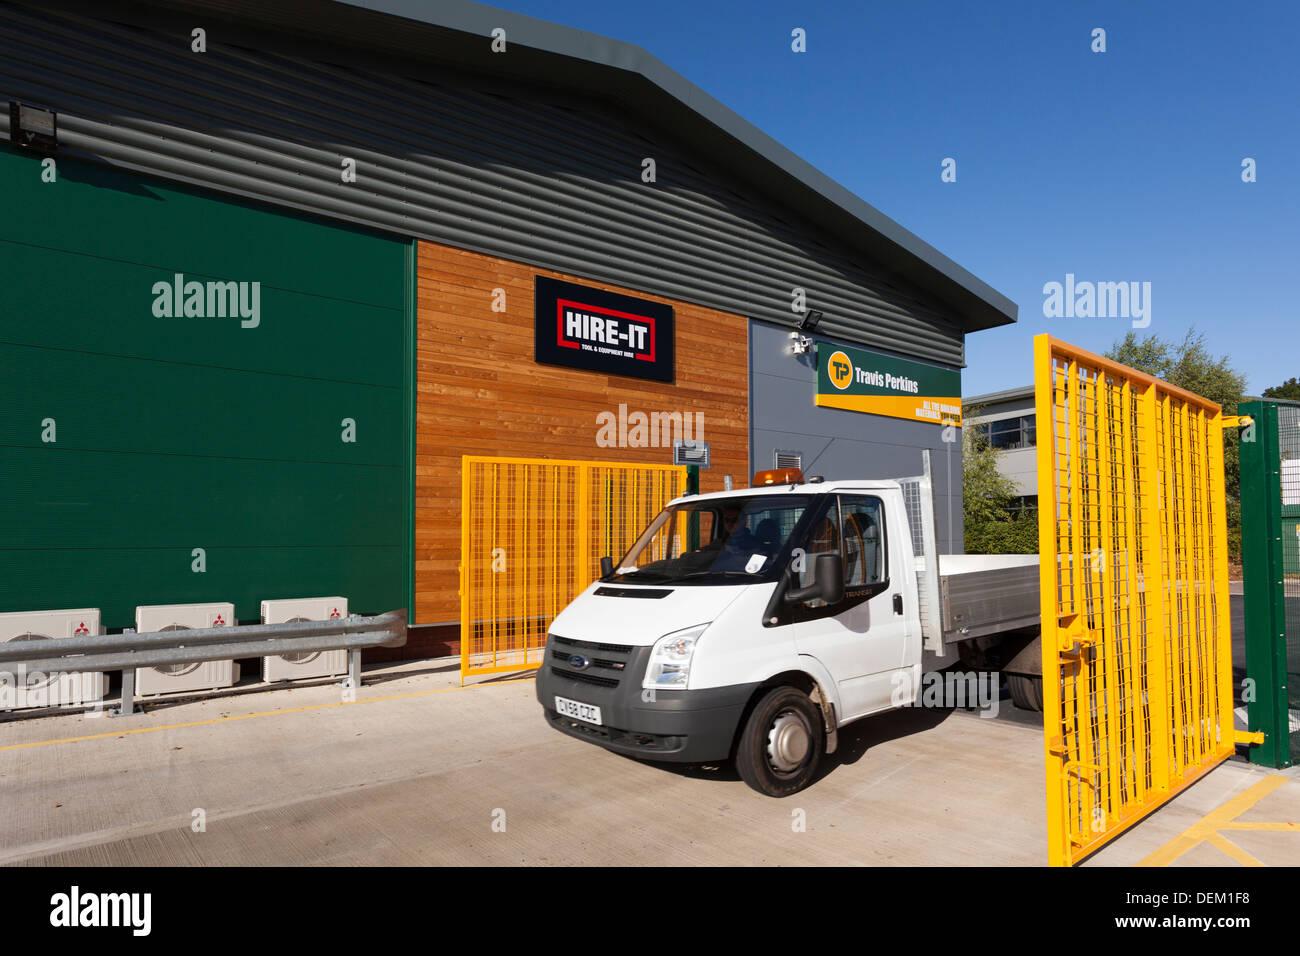 van entering builders merchants Travis Perkins - Stock Image